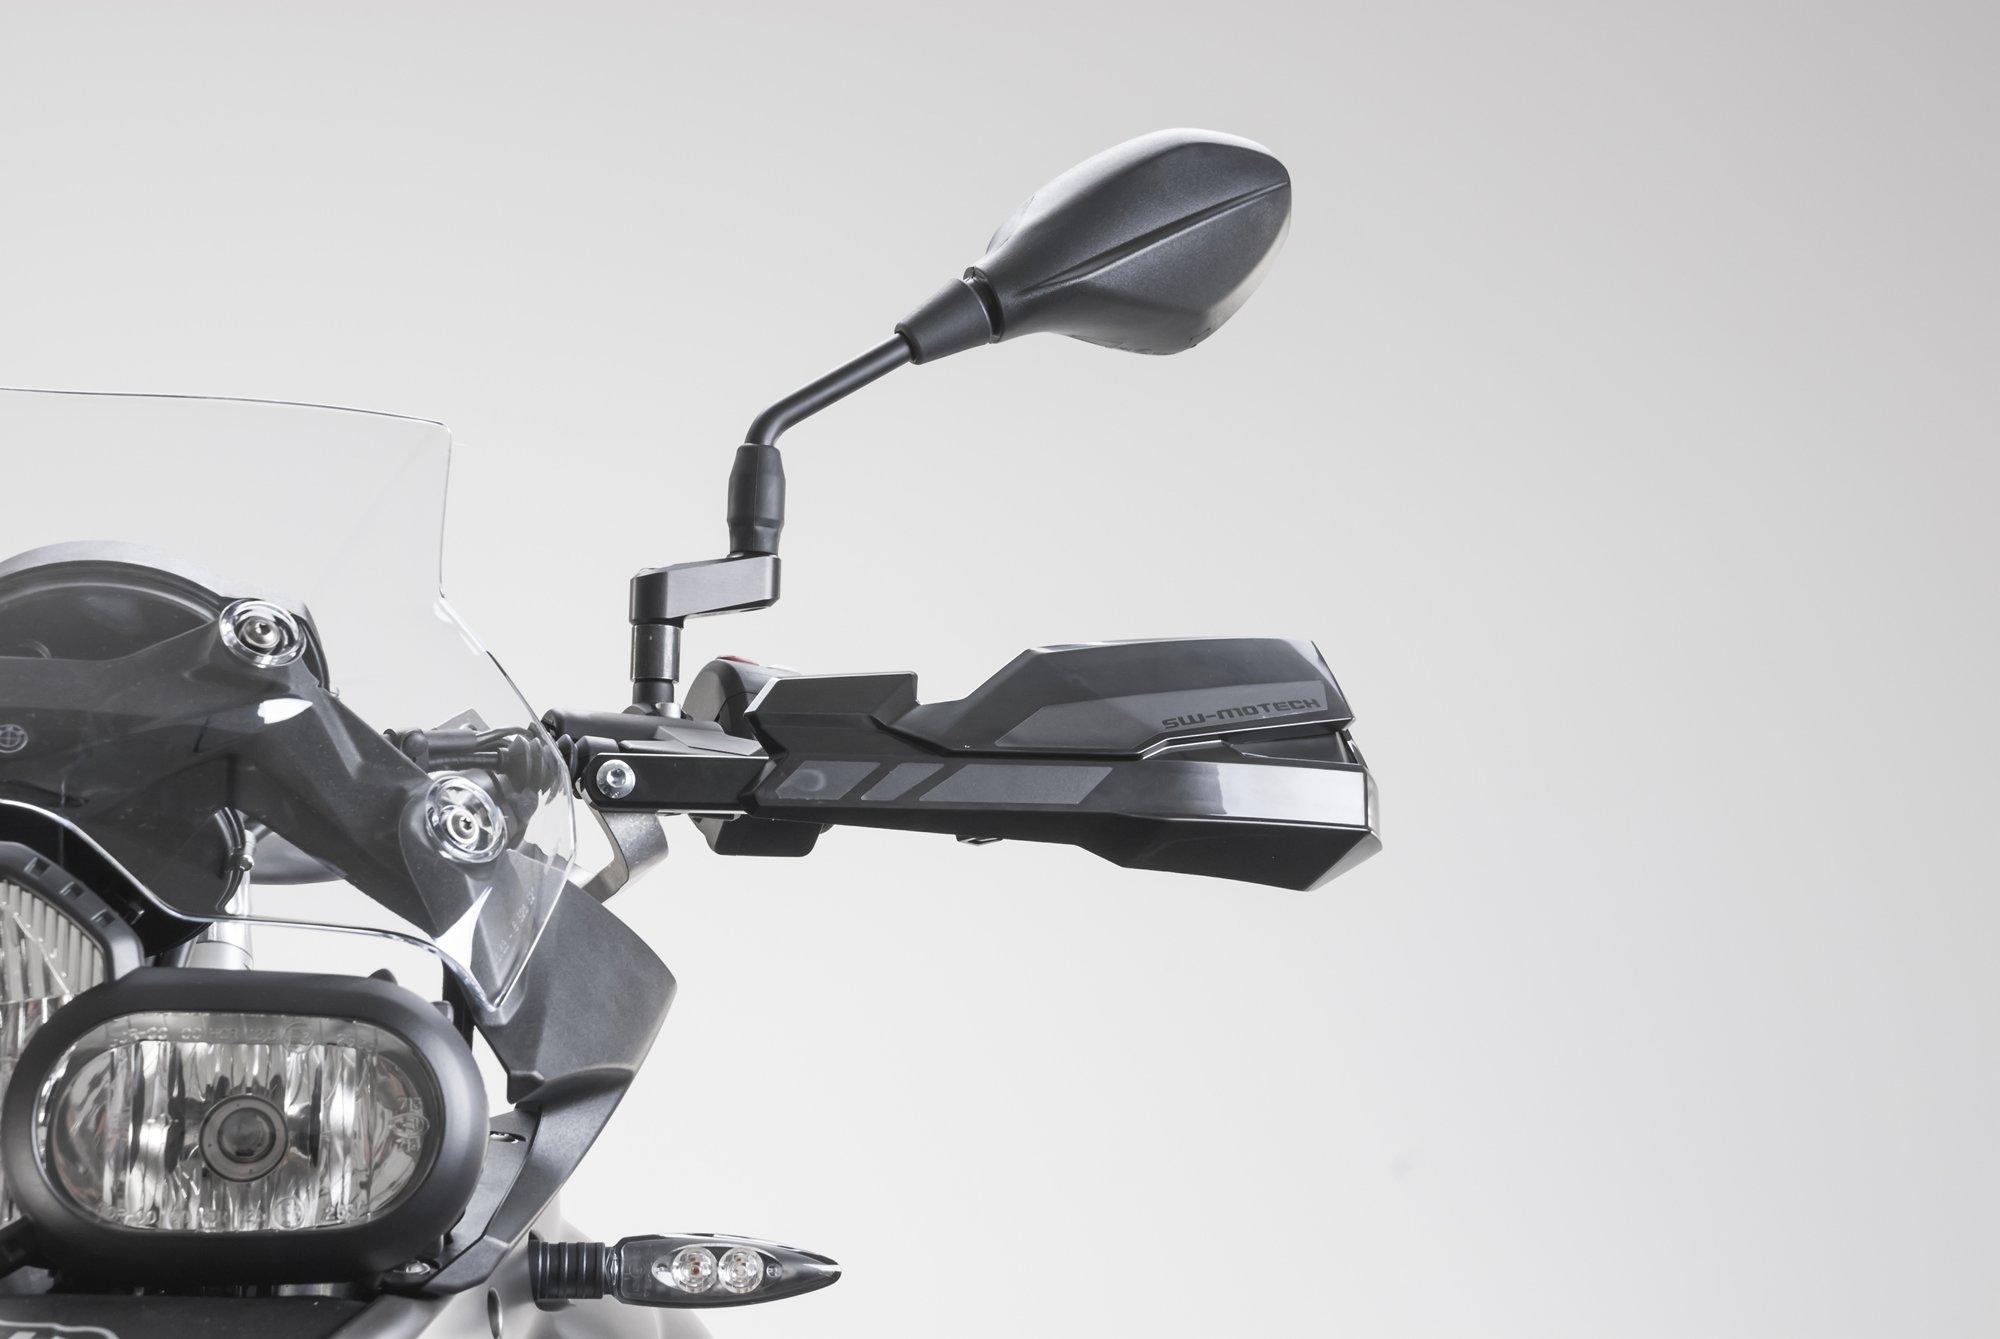 SW-MOTECH KOBRA Handguard Kit For BMW R100GS '87-'95, G650GS '11-'16 & G650GS Sertao '11-'15